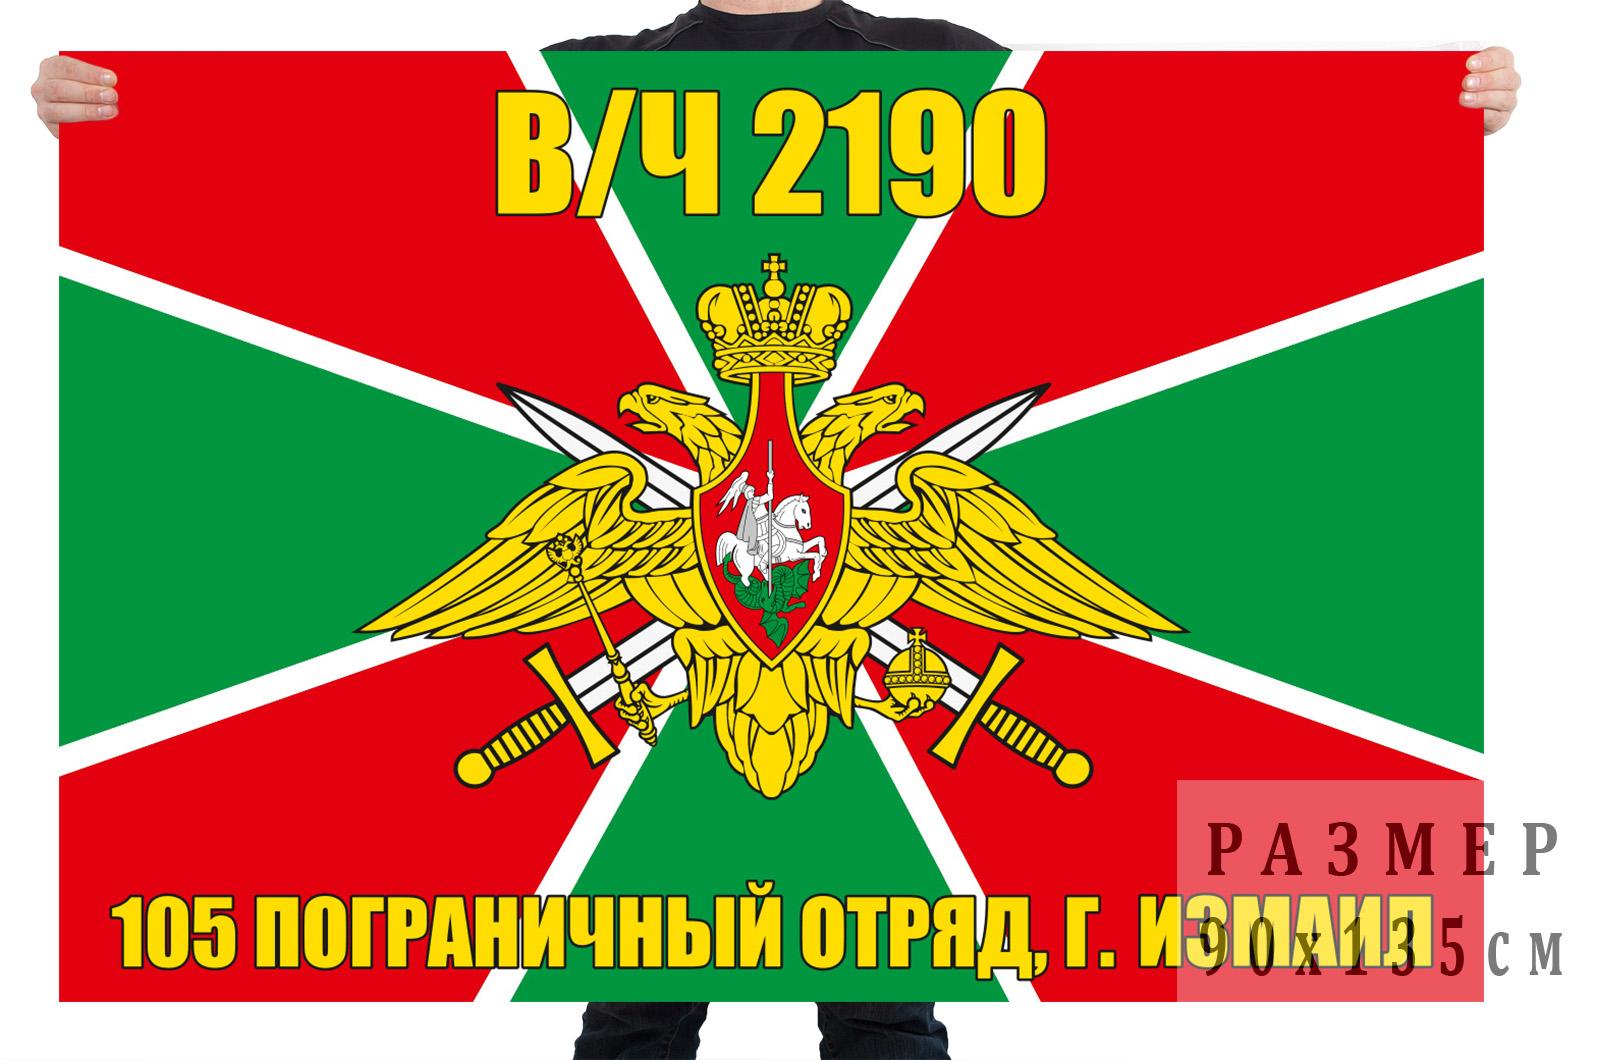 Флаг в/ч 2190 «105 пограничный отряд г. Измаил»